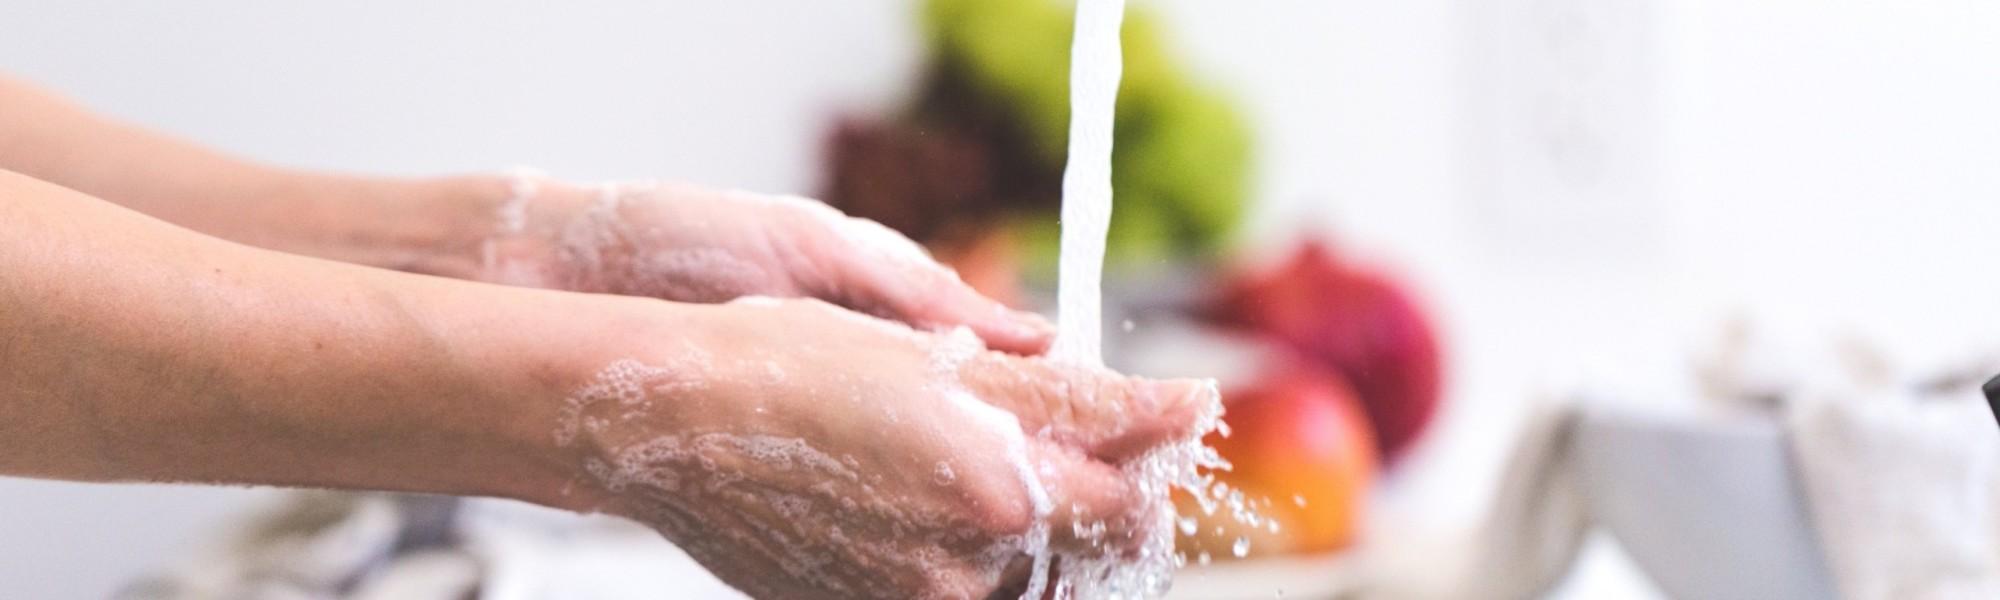 Käsiä pestään veden alla